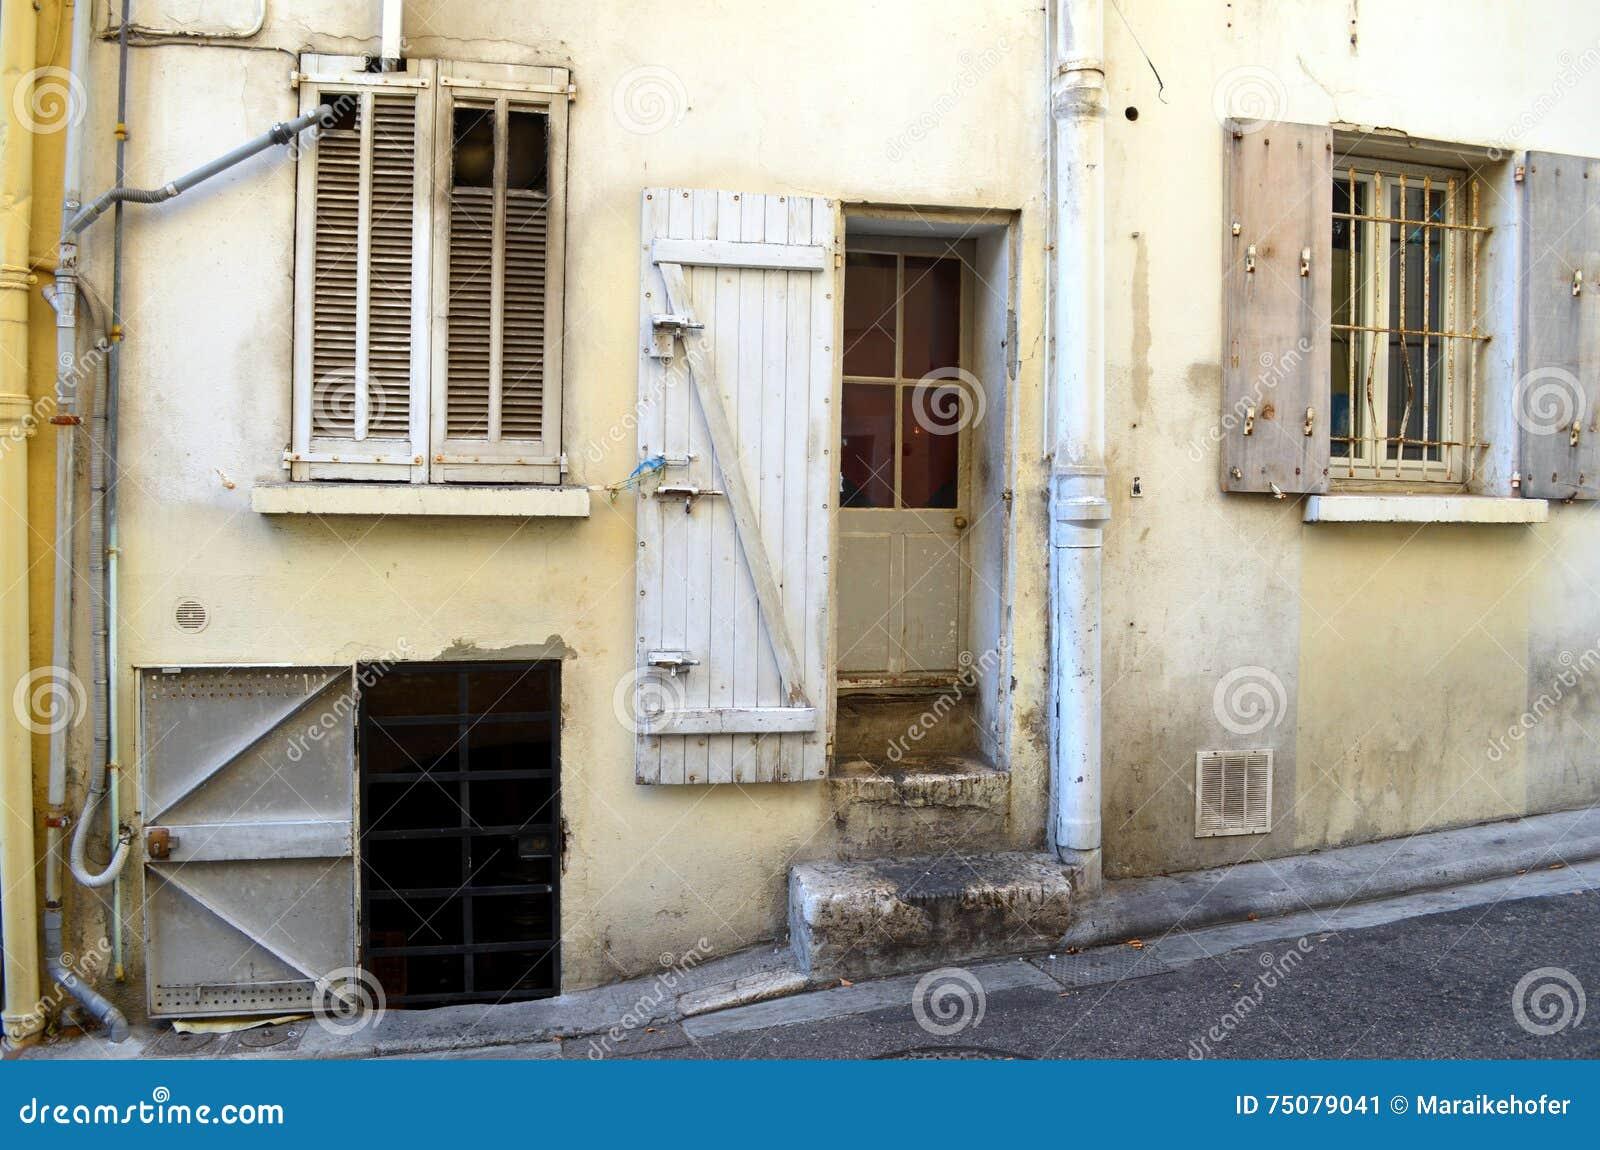 Fachada con muchas puertas y ventanas de un edificio - Vi girano porte e finestre ...